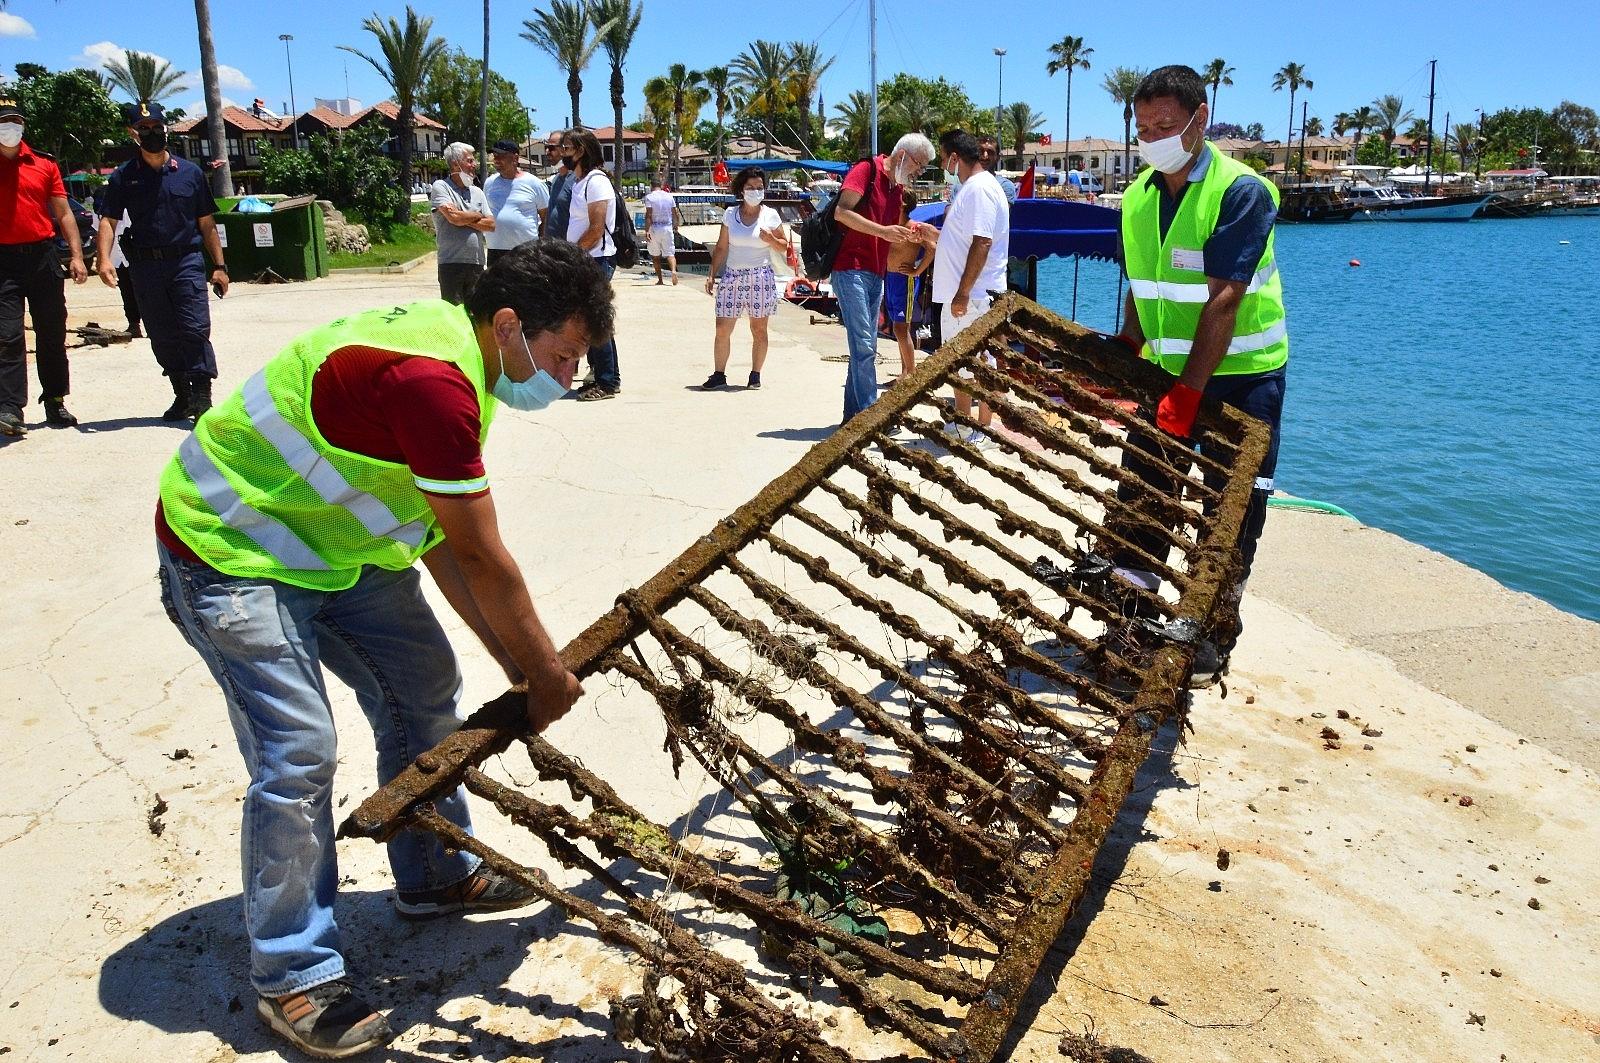 2021/06/side-limaninda-yapilan-sualti-temizliginde-denizden-cikmayan-kalmadi-20210605AW33-5.jpg